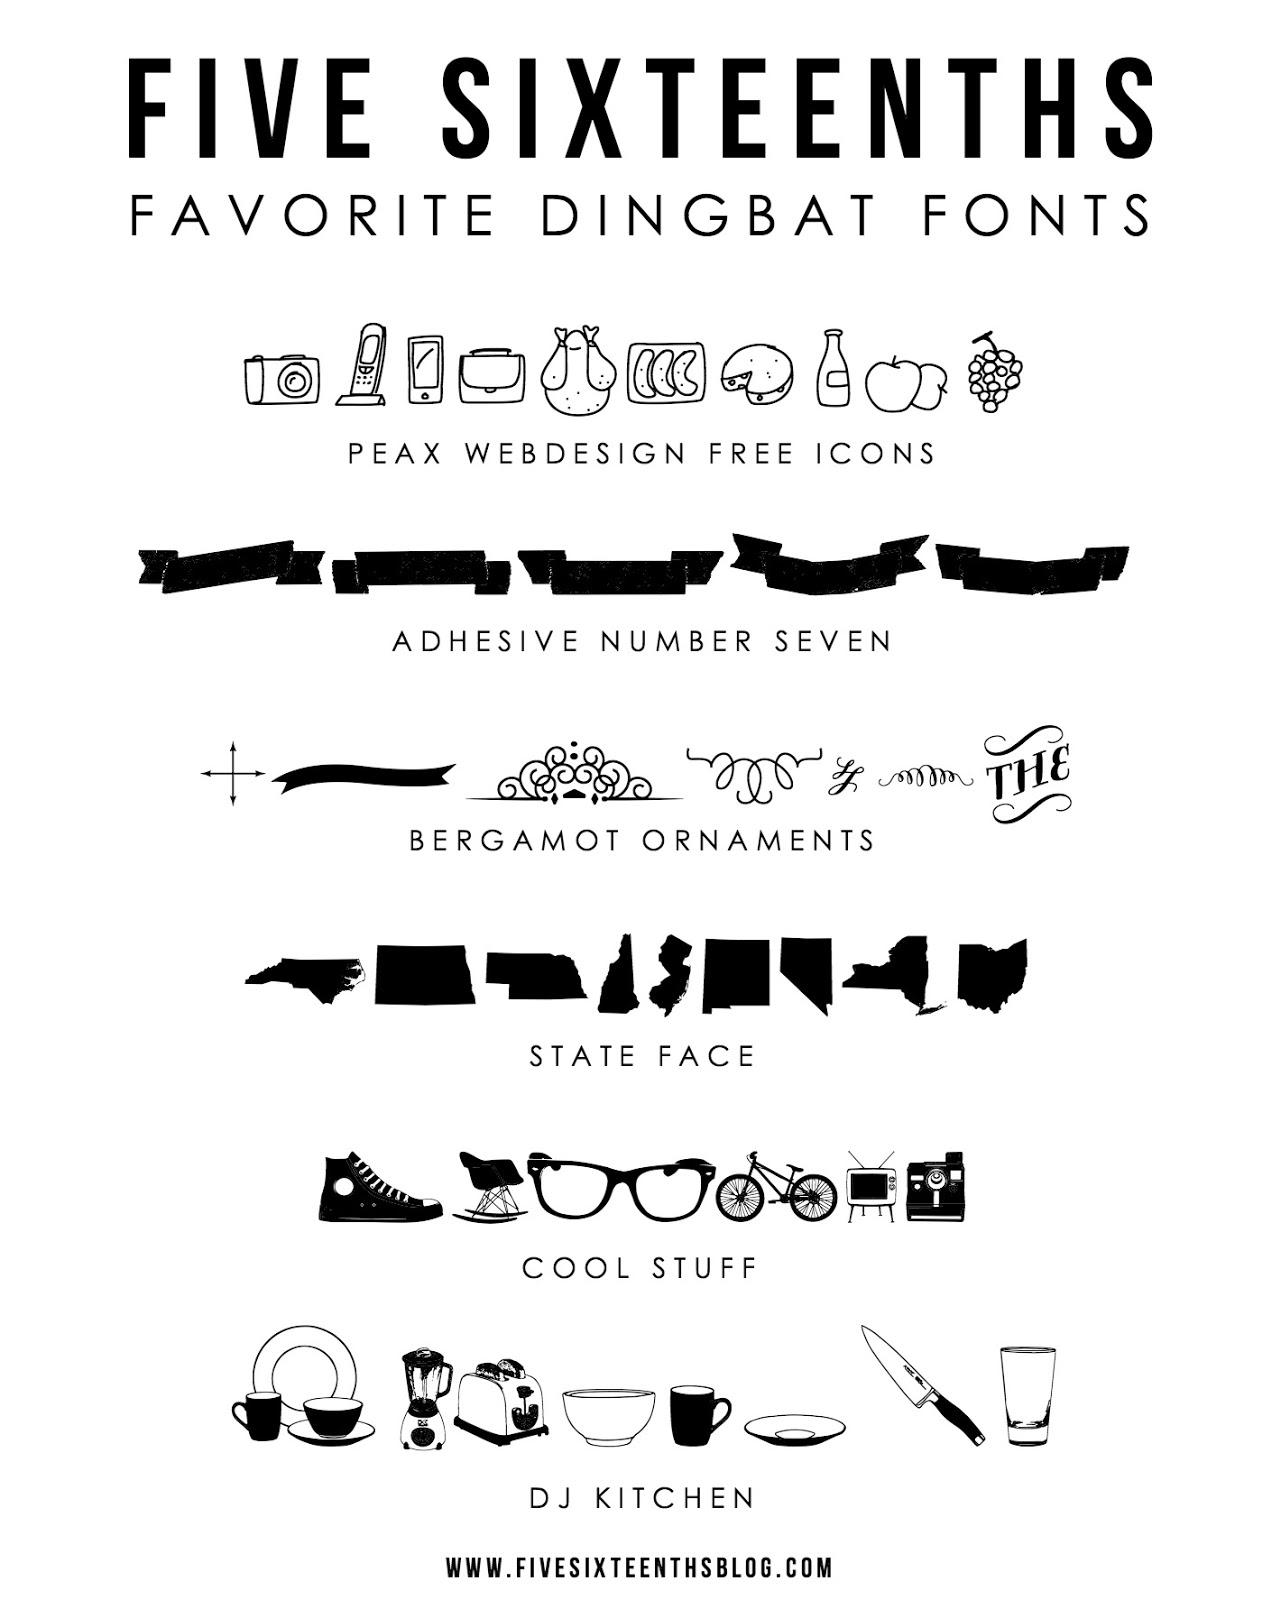 Five Sixteenths Blog: Trend Tuesday // Top 6 Dingbat Fonts